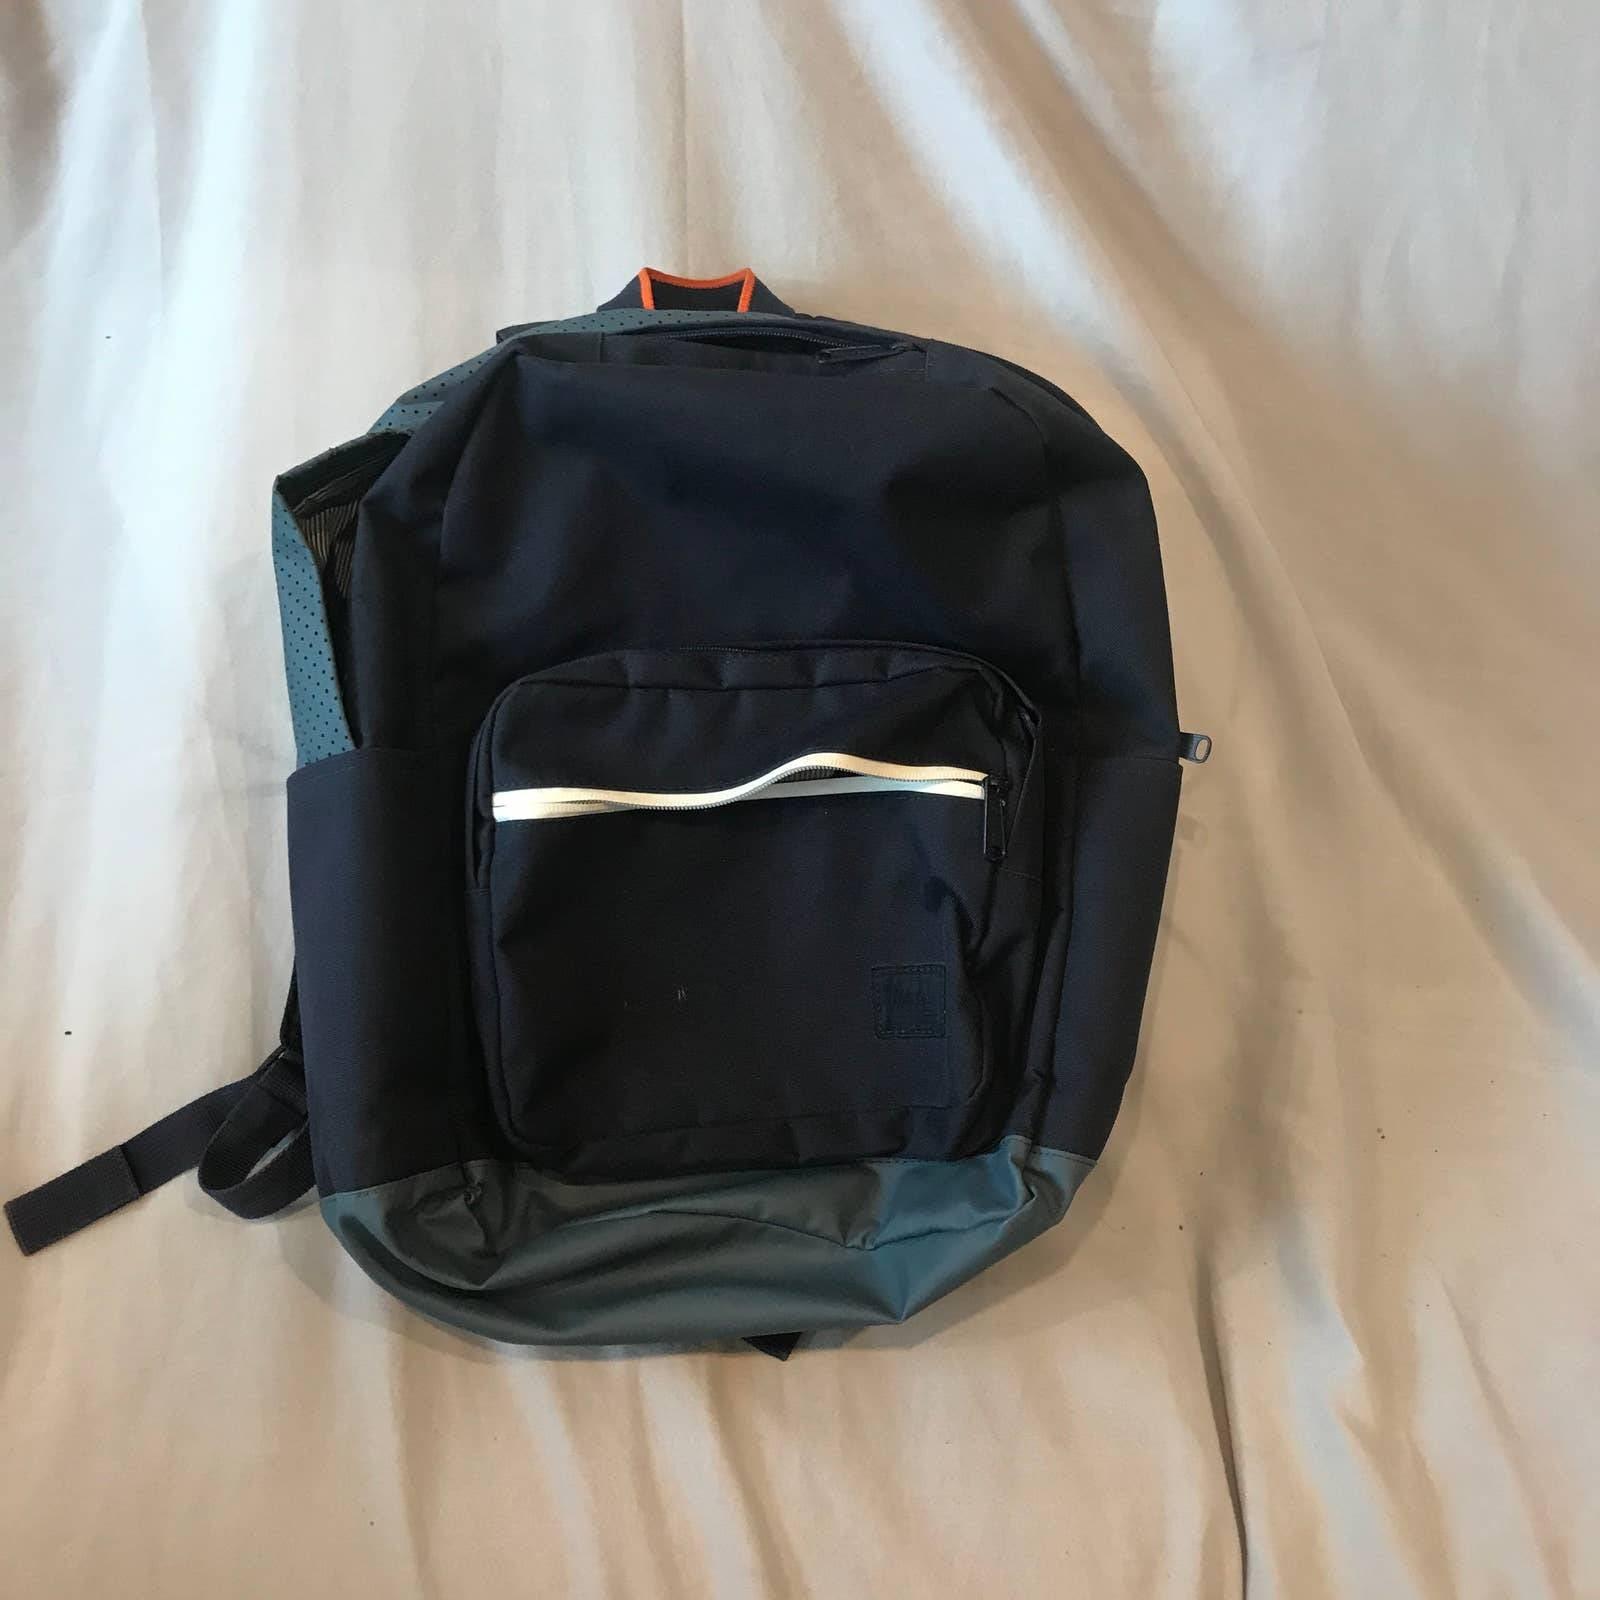 Herschel Navy Blue Everyday Backpack